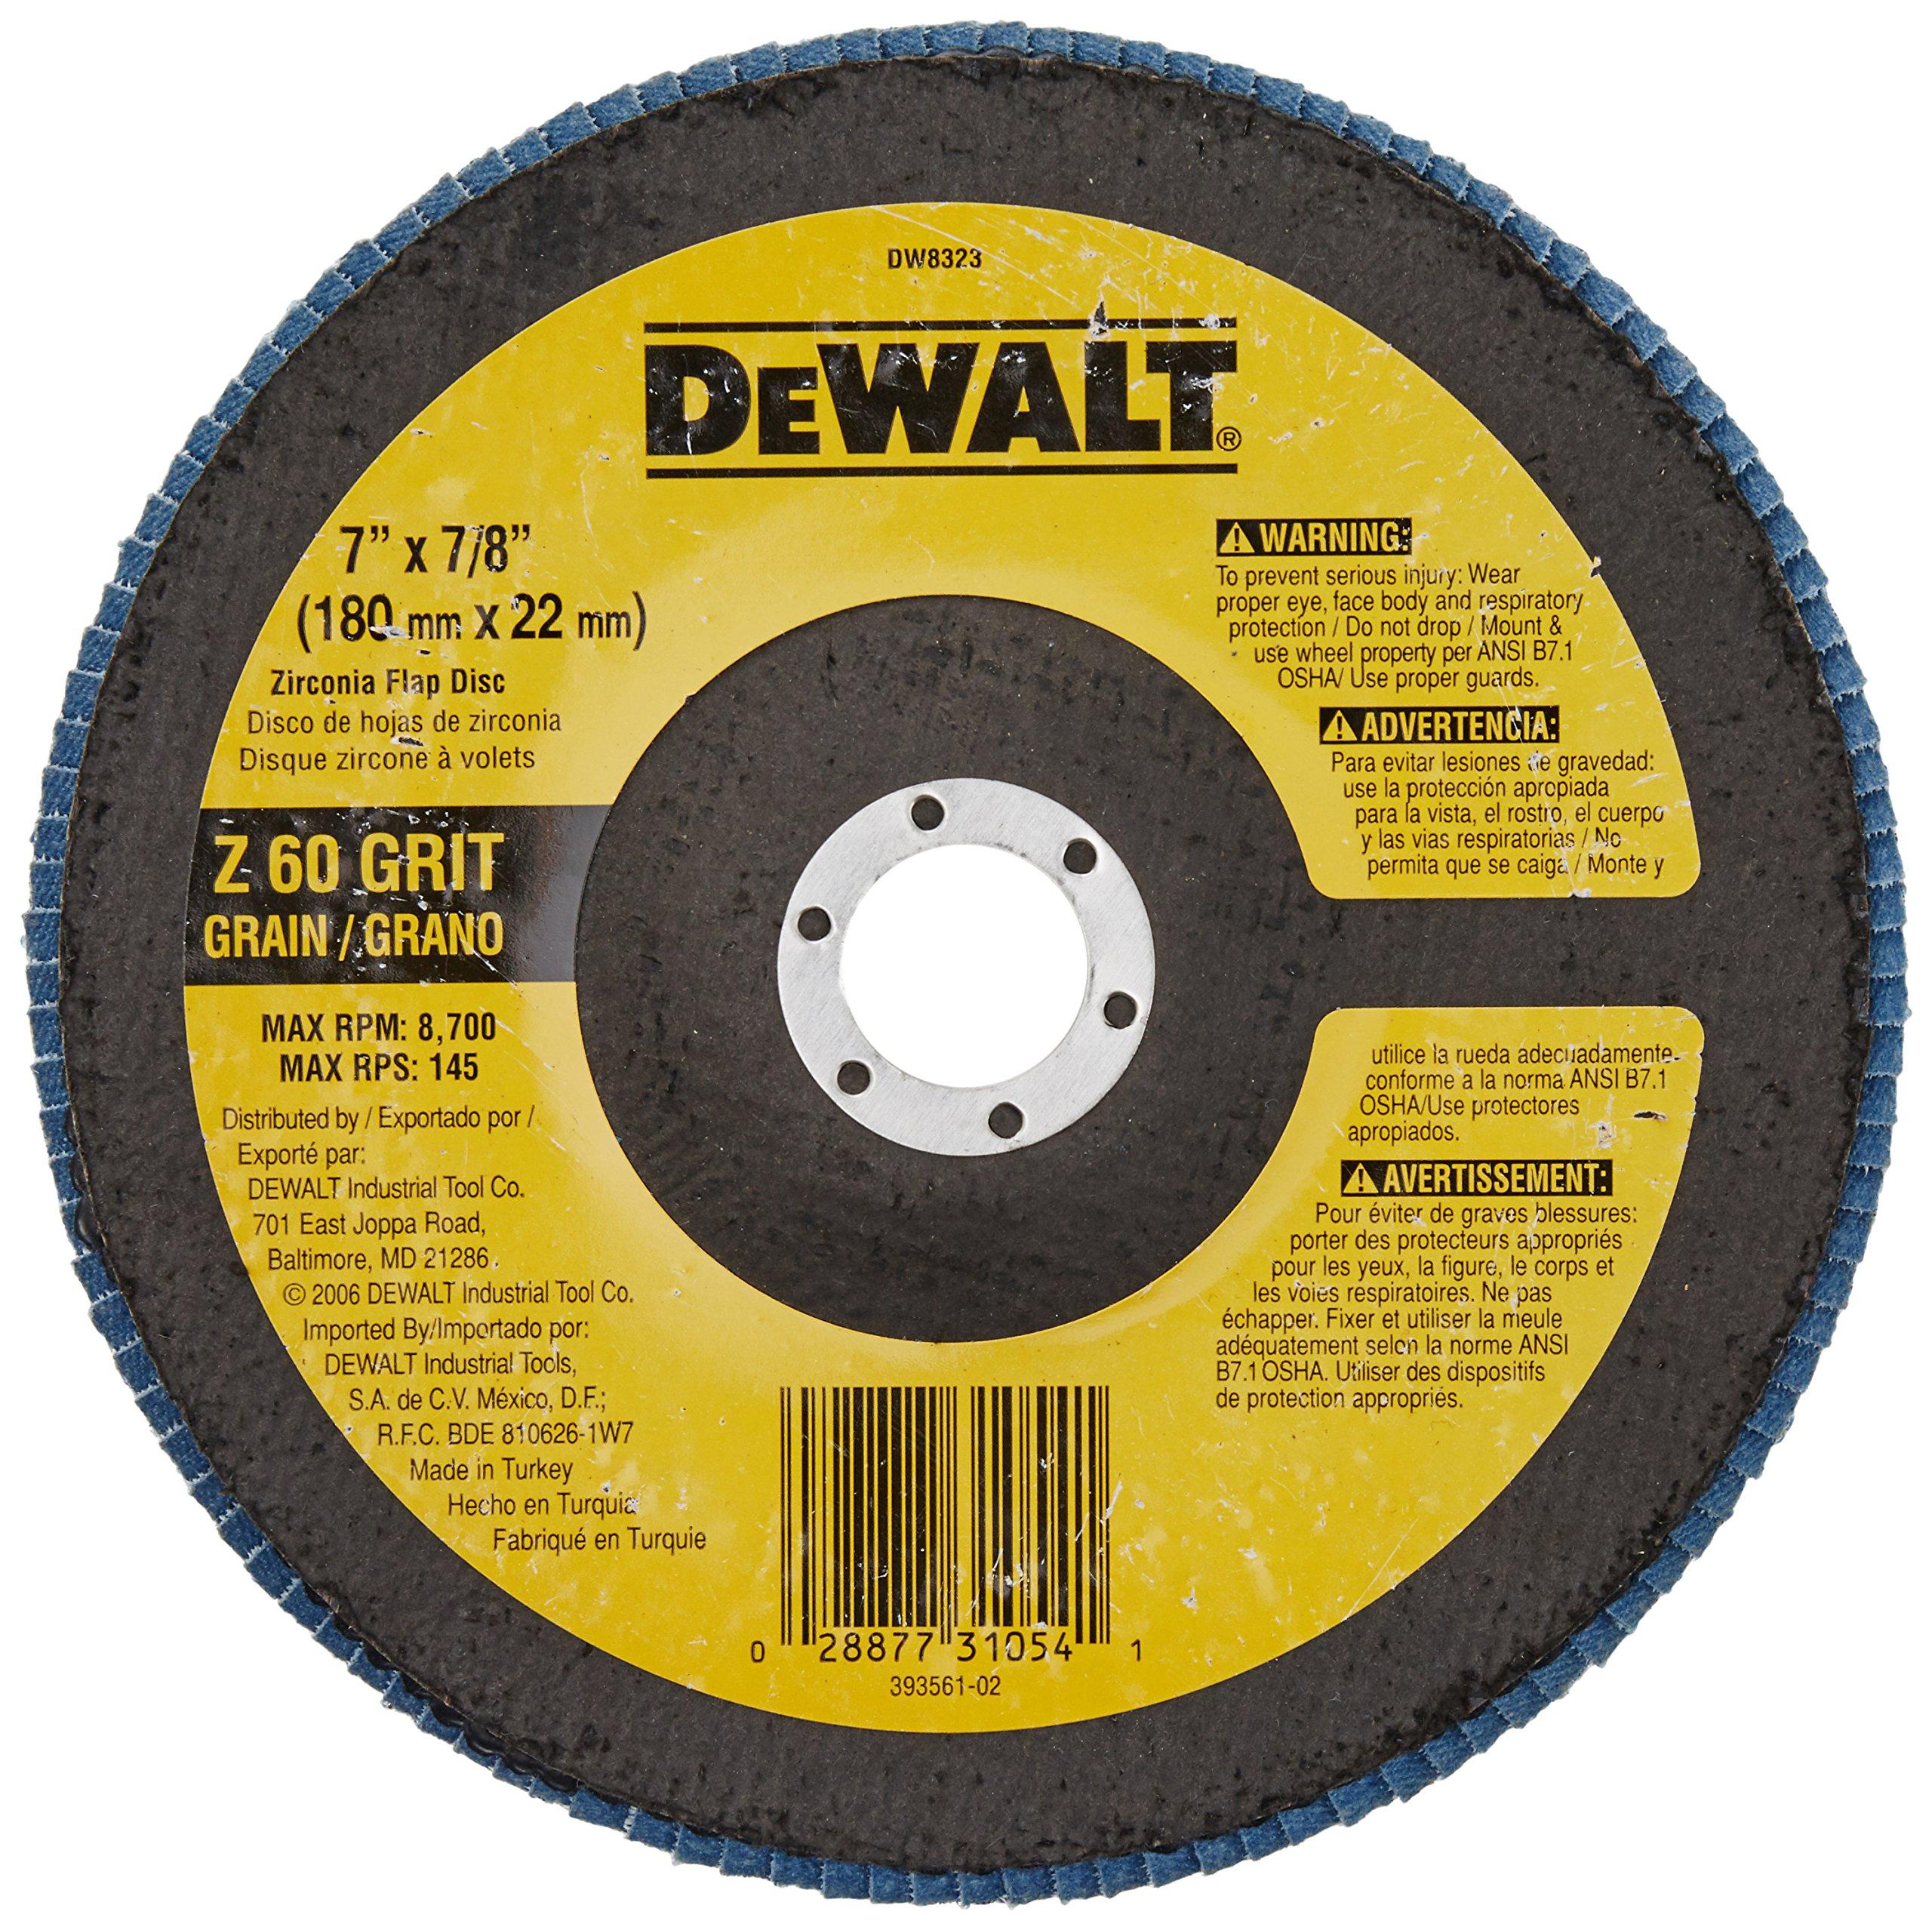 DEWALT DW8323 7-Inch by 7/8-Inch 60 Grit Zirconia